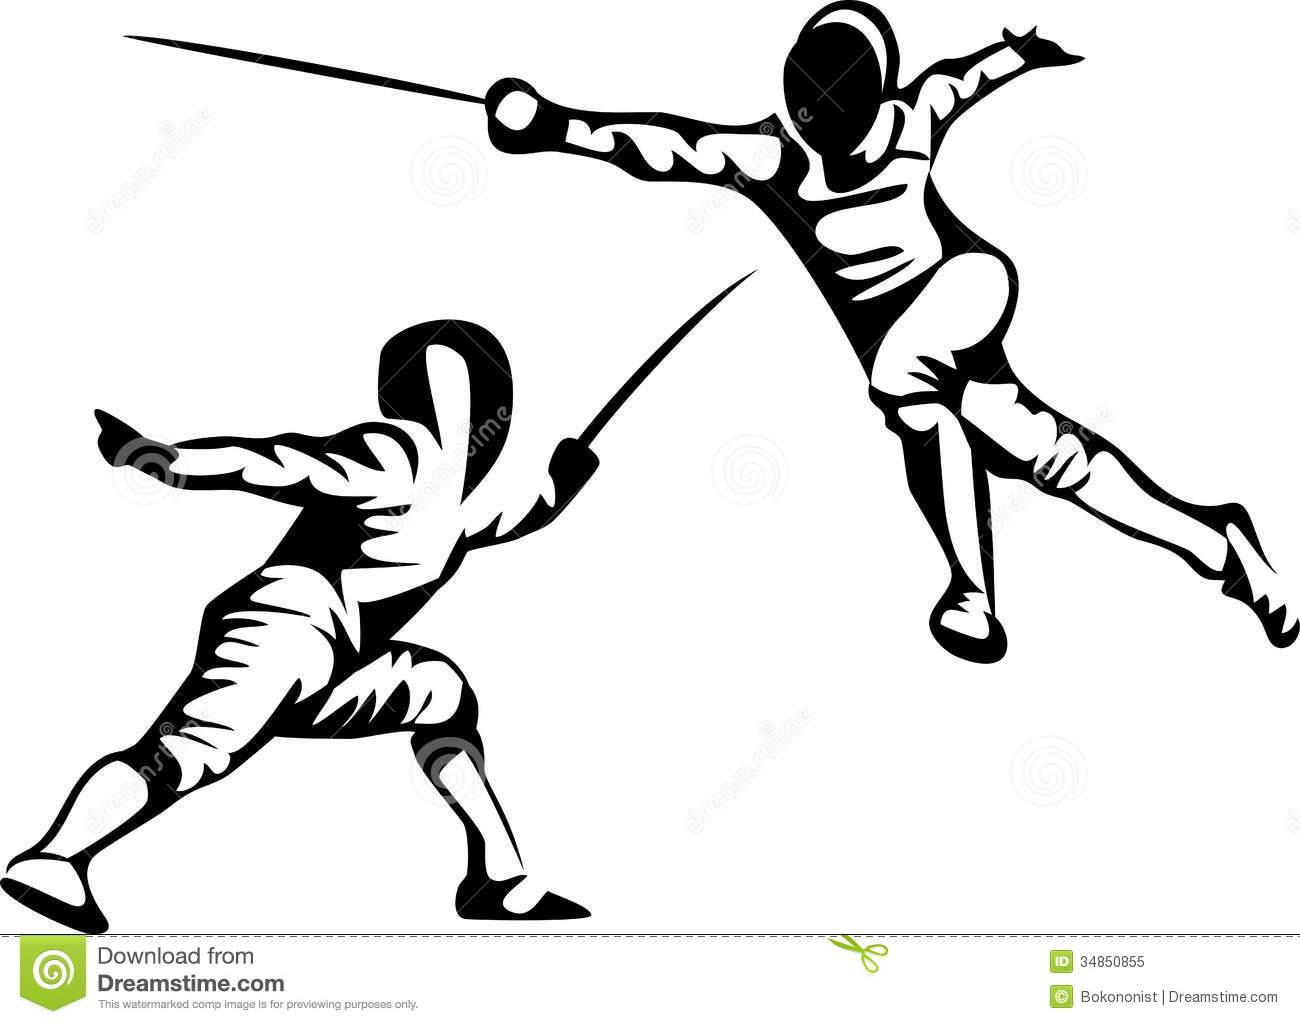 Fencing-Fencing-10